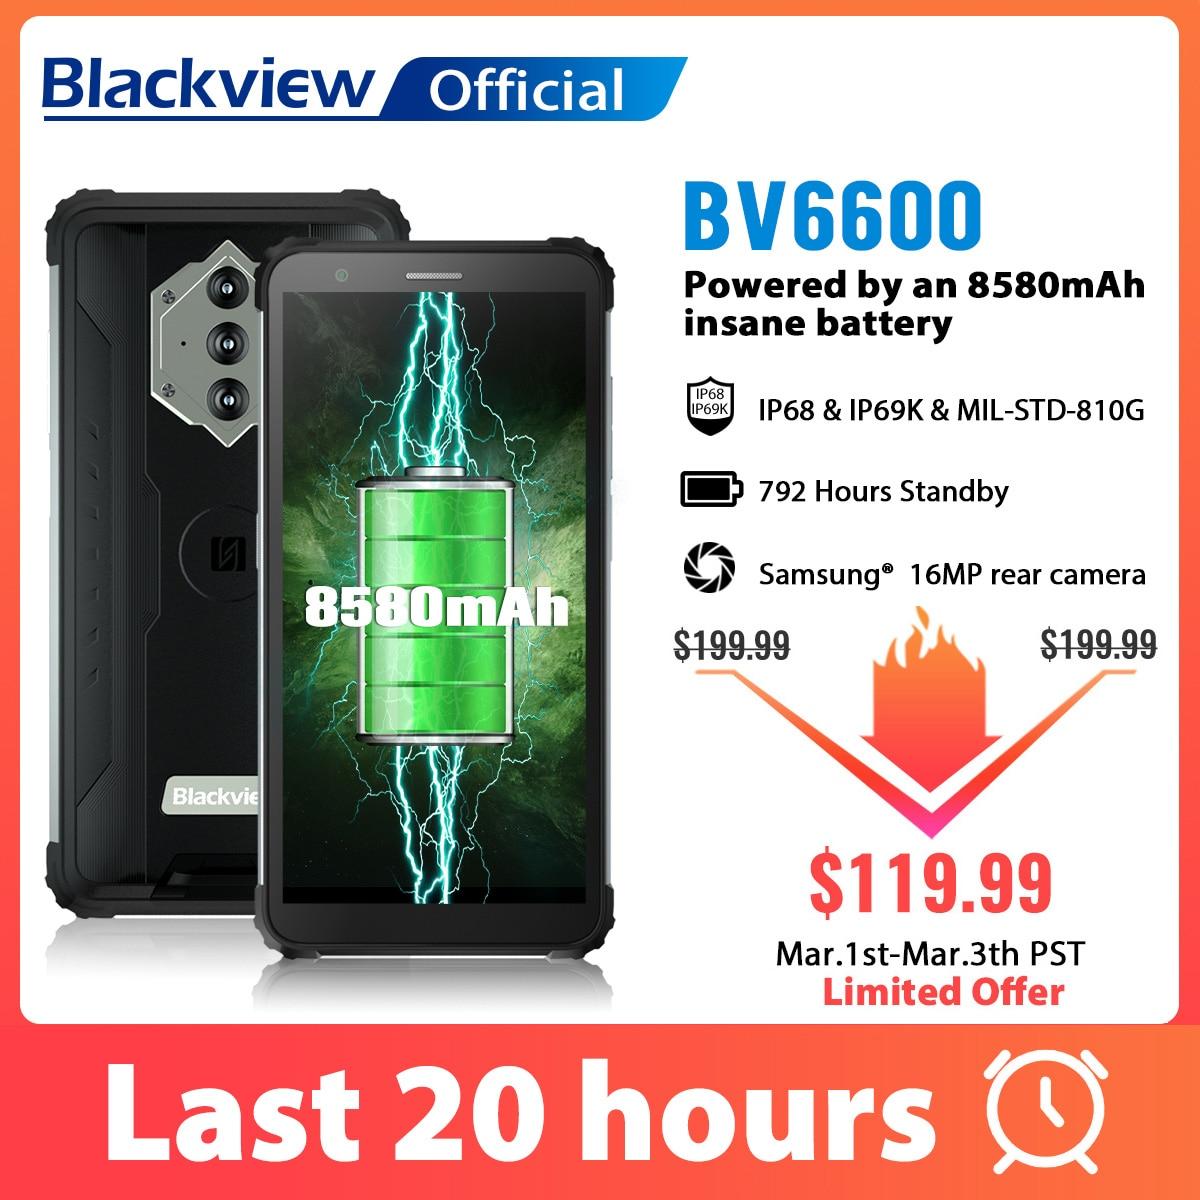 Blackview – Smartphone BV6600, étanche IP68, robuste, 8580mAh, Octa Core, 4 go + 64 go, 5.7 pouces, téléphone portable, caméra 16mp, NFC, Android 10